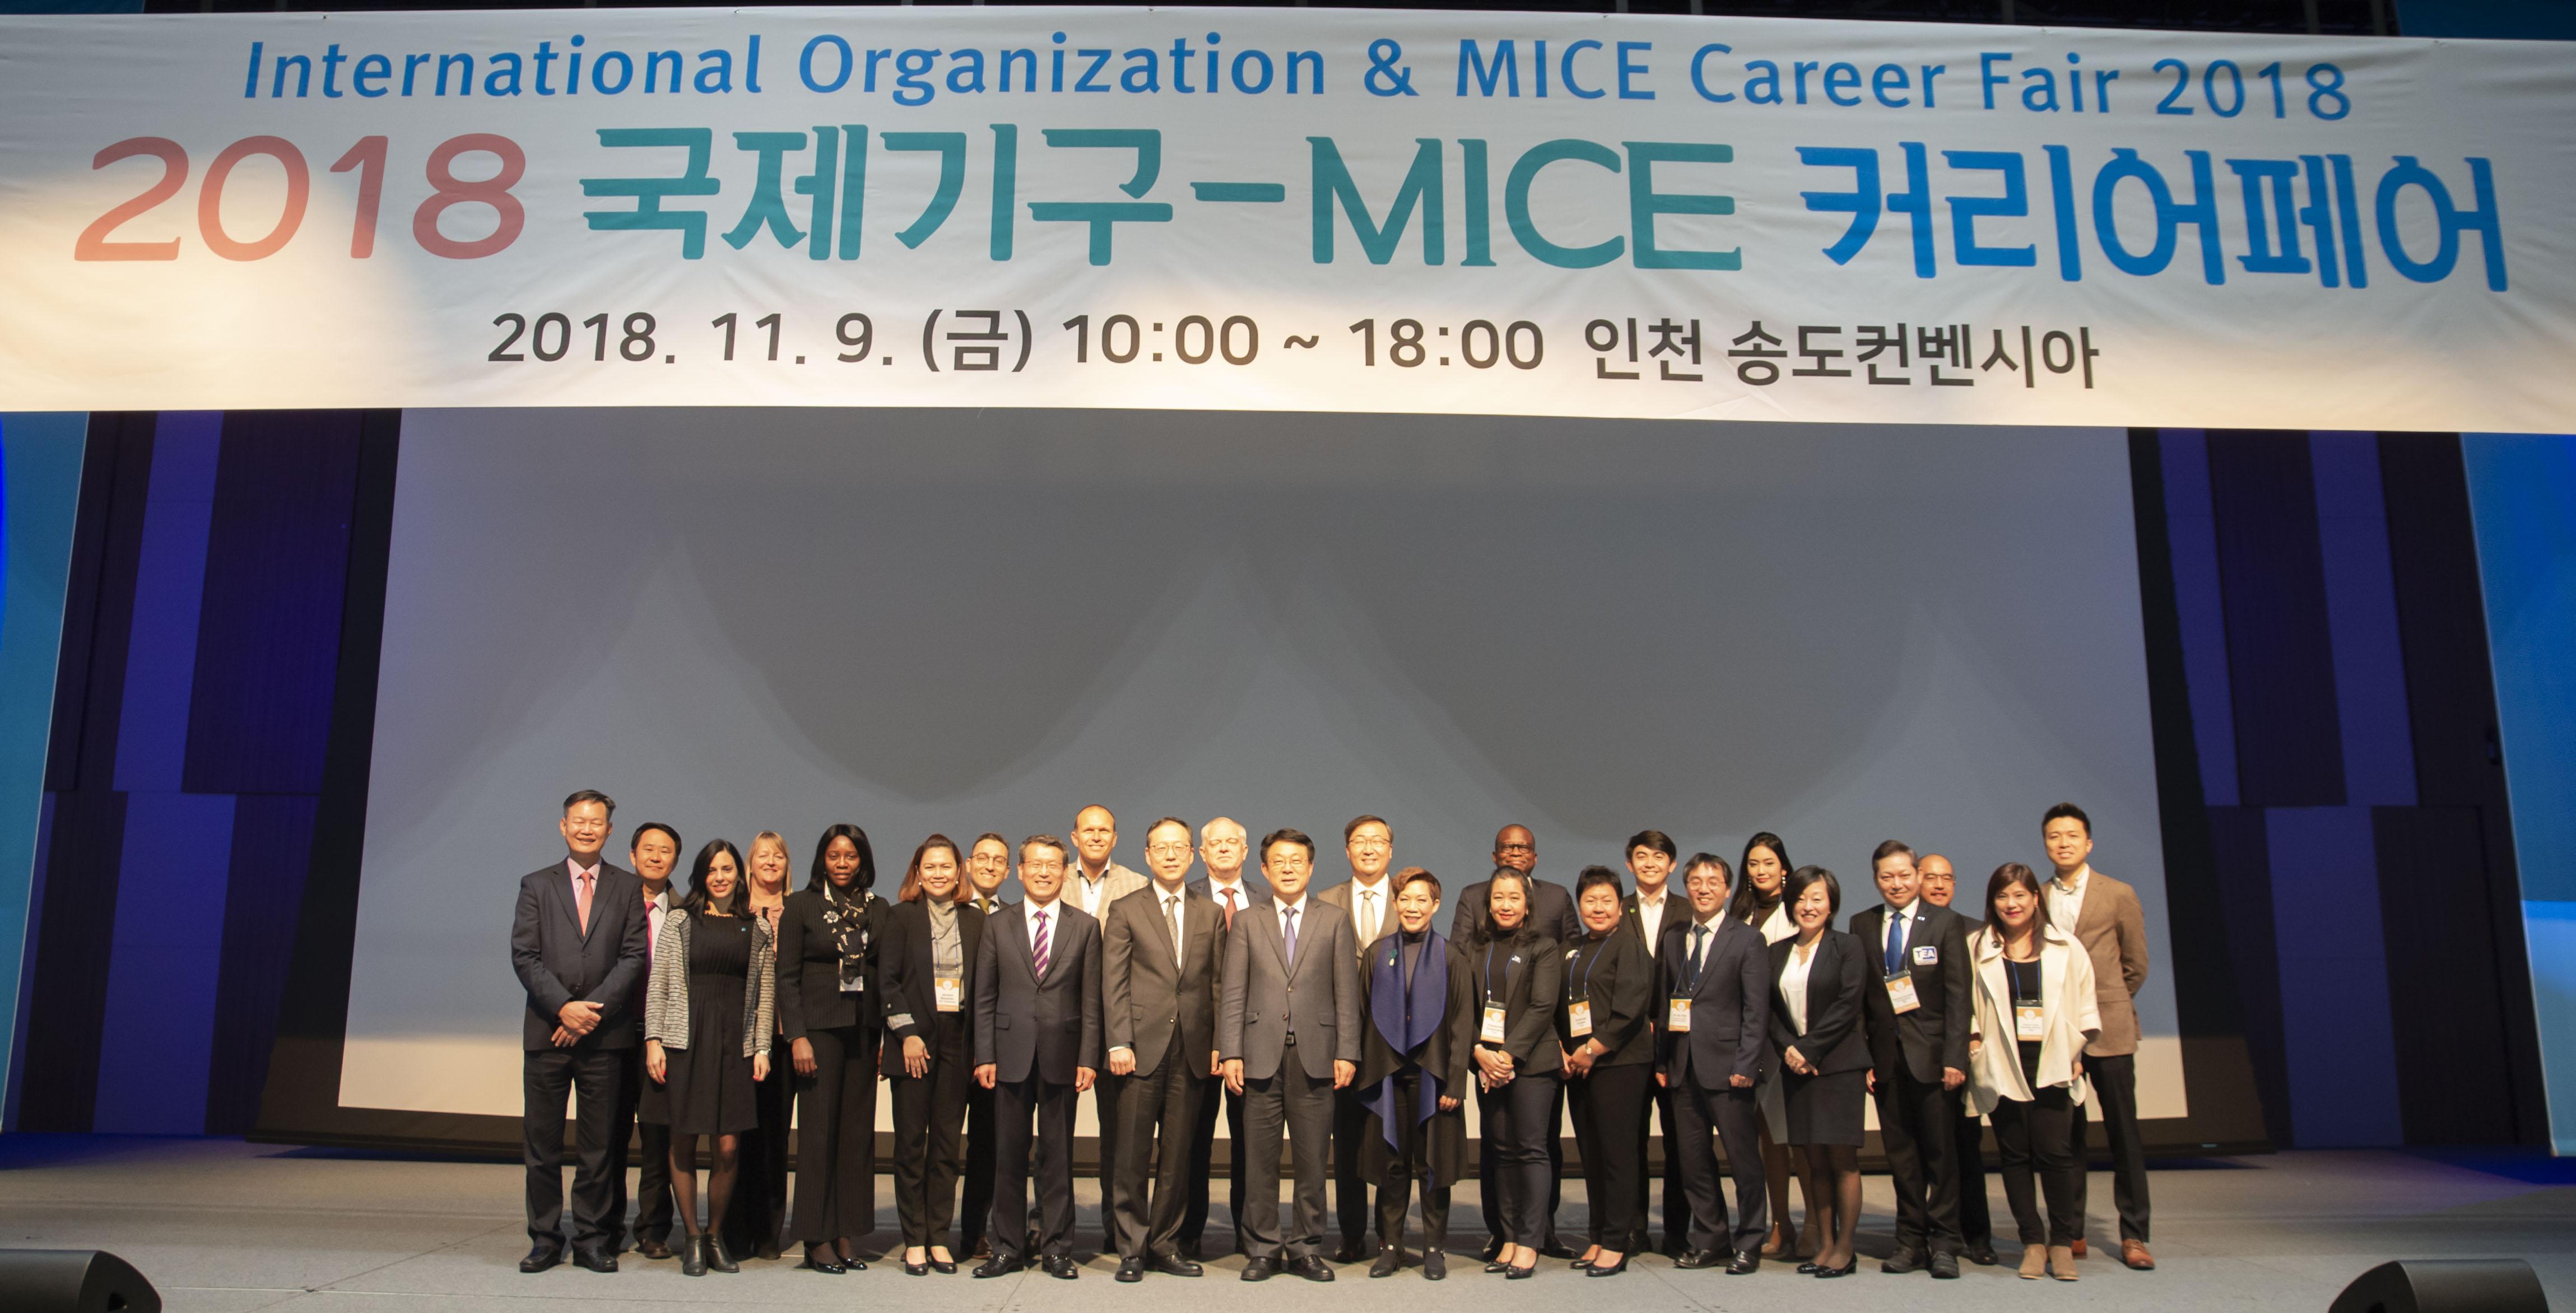 2018 국제기구-MICE 커리어페어 (단체사진)